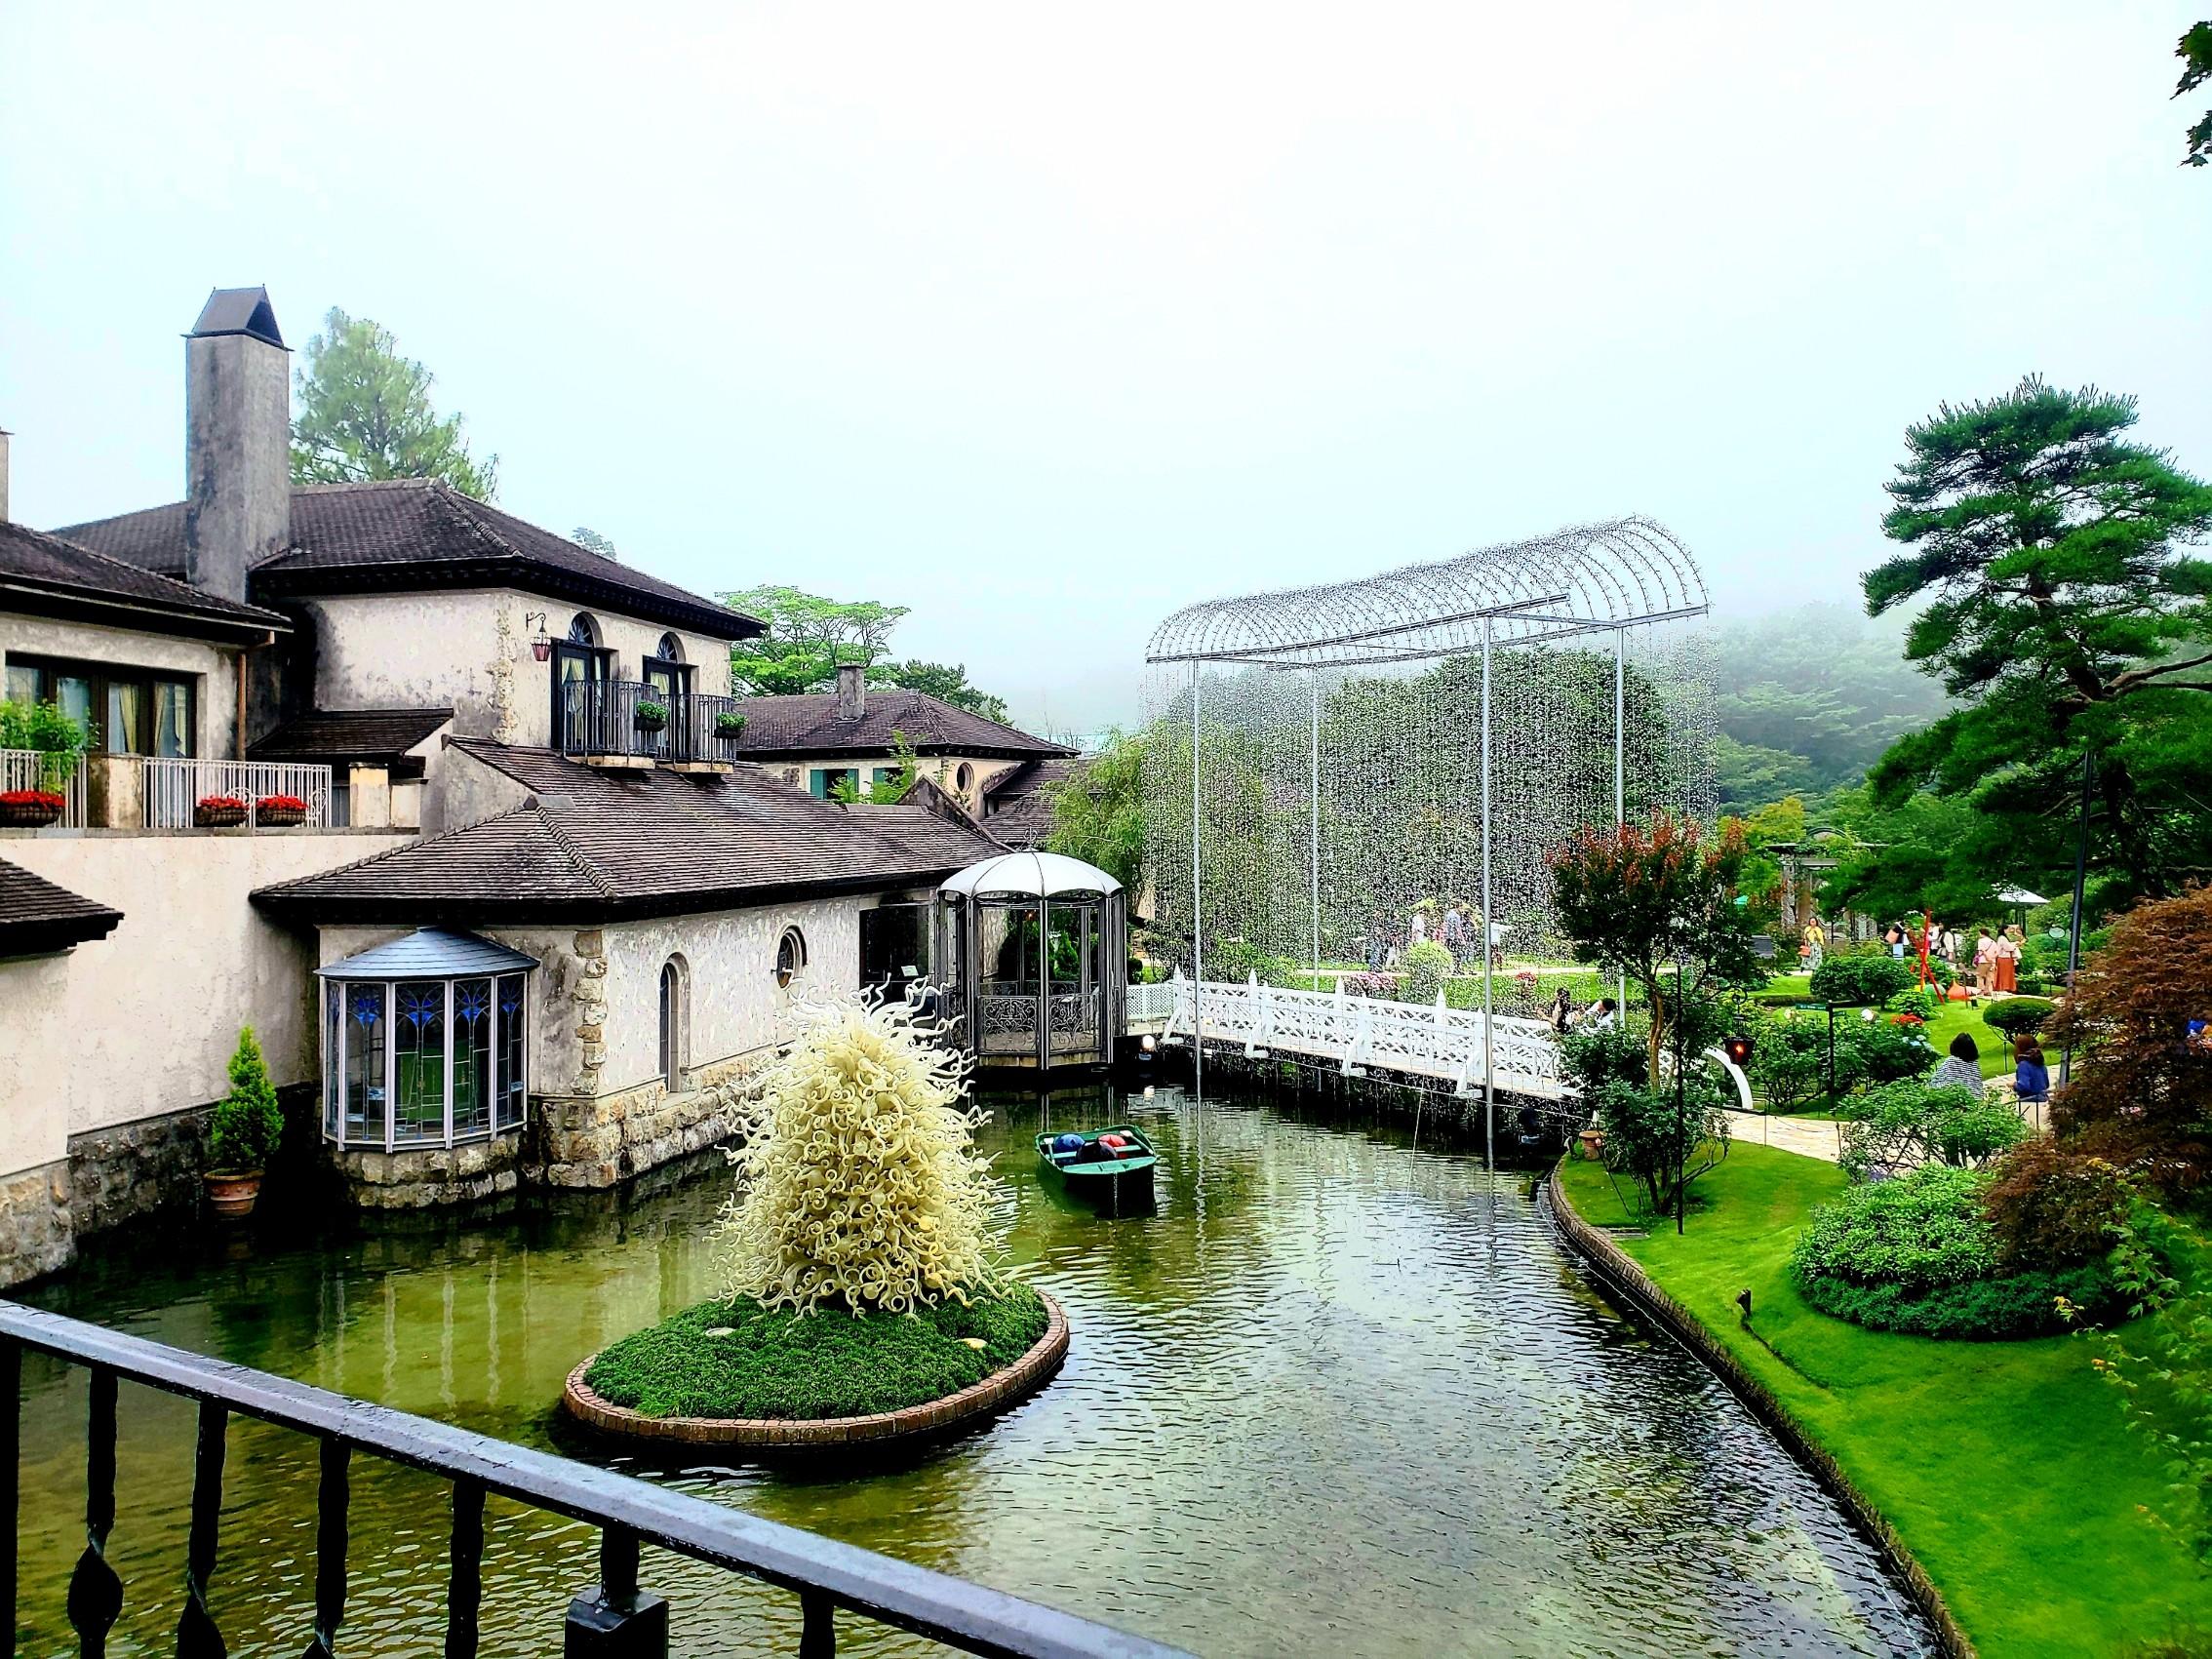 【箱根旅行】雨でも楽しめる!お手軽!1泊2日の温泉と美味しいものとキラキラな旅☆_6